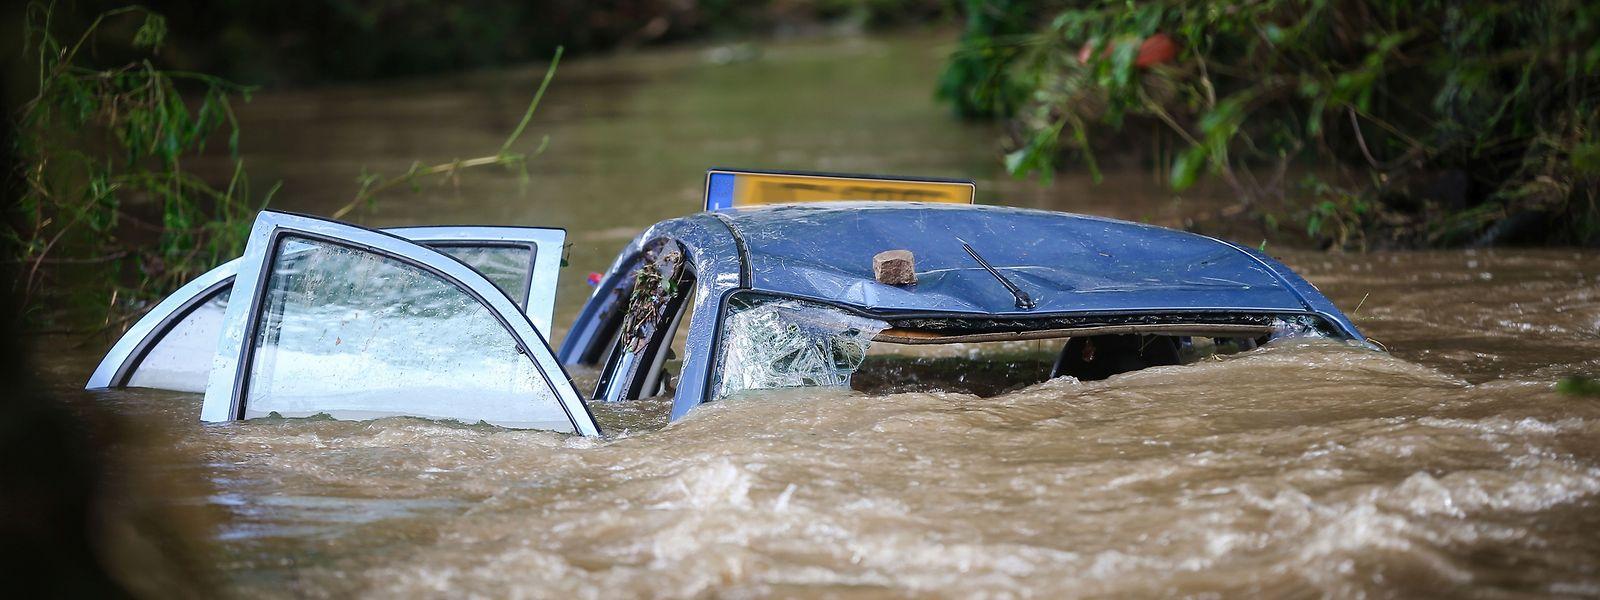 Im Juli 2016 schwammen mehrere Autos durch die Straßen des Ernztals. Sie wurden nach einem unerwartet starken Regen von den Hochwasserfluten mitgerissen.